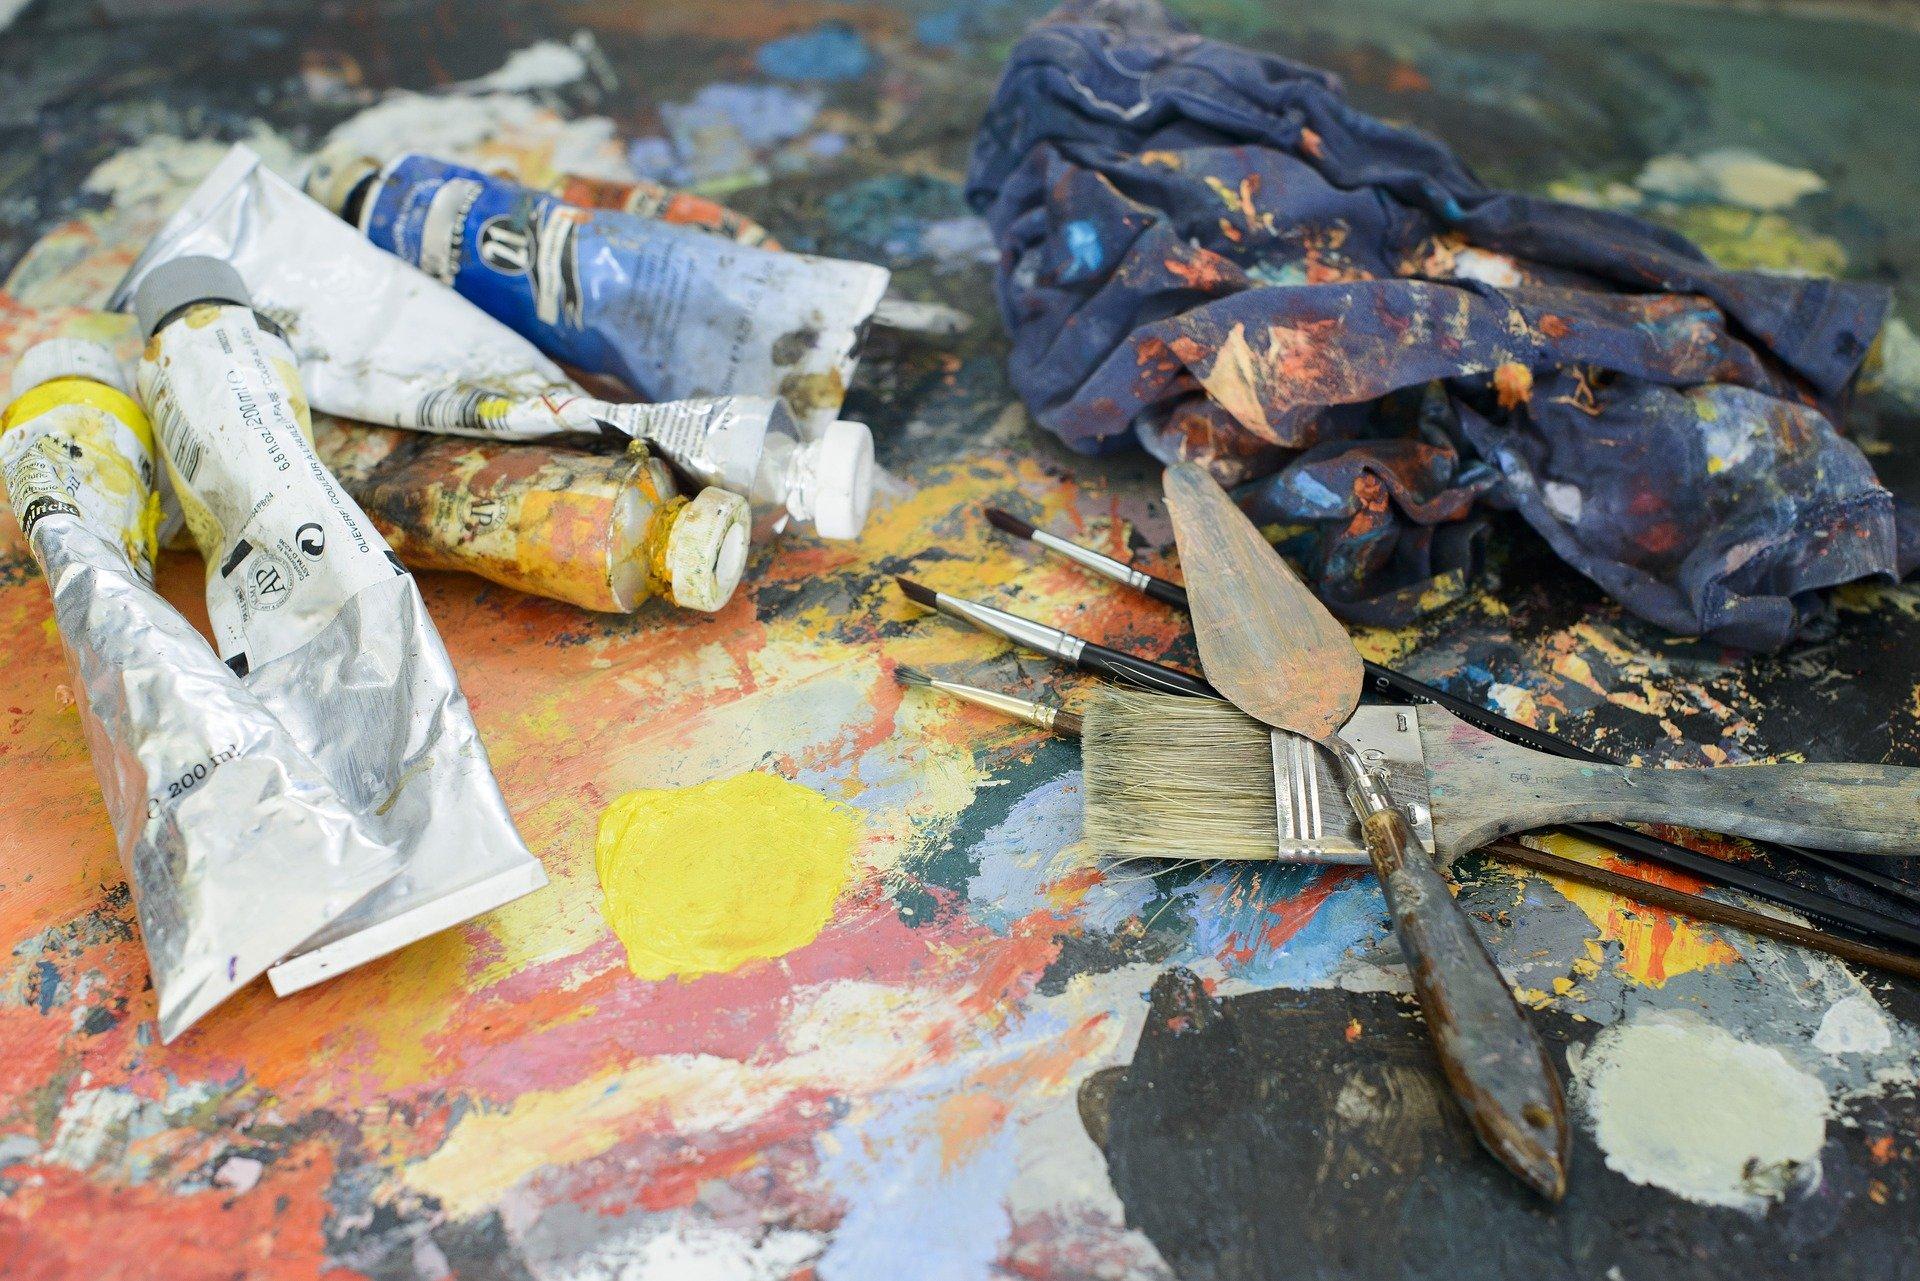 come togliere la vernice dalle scarpe di tela